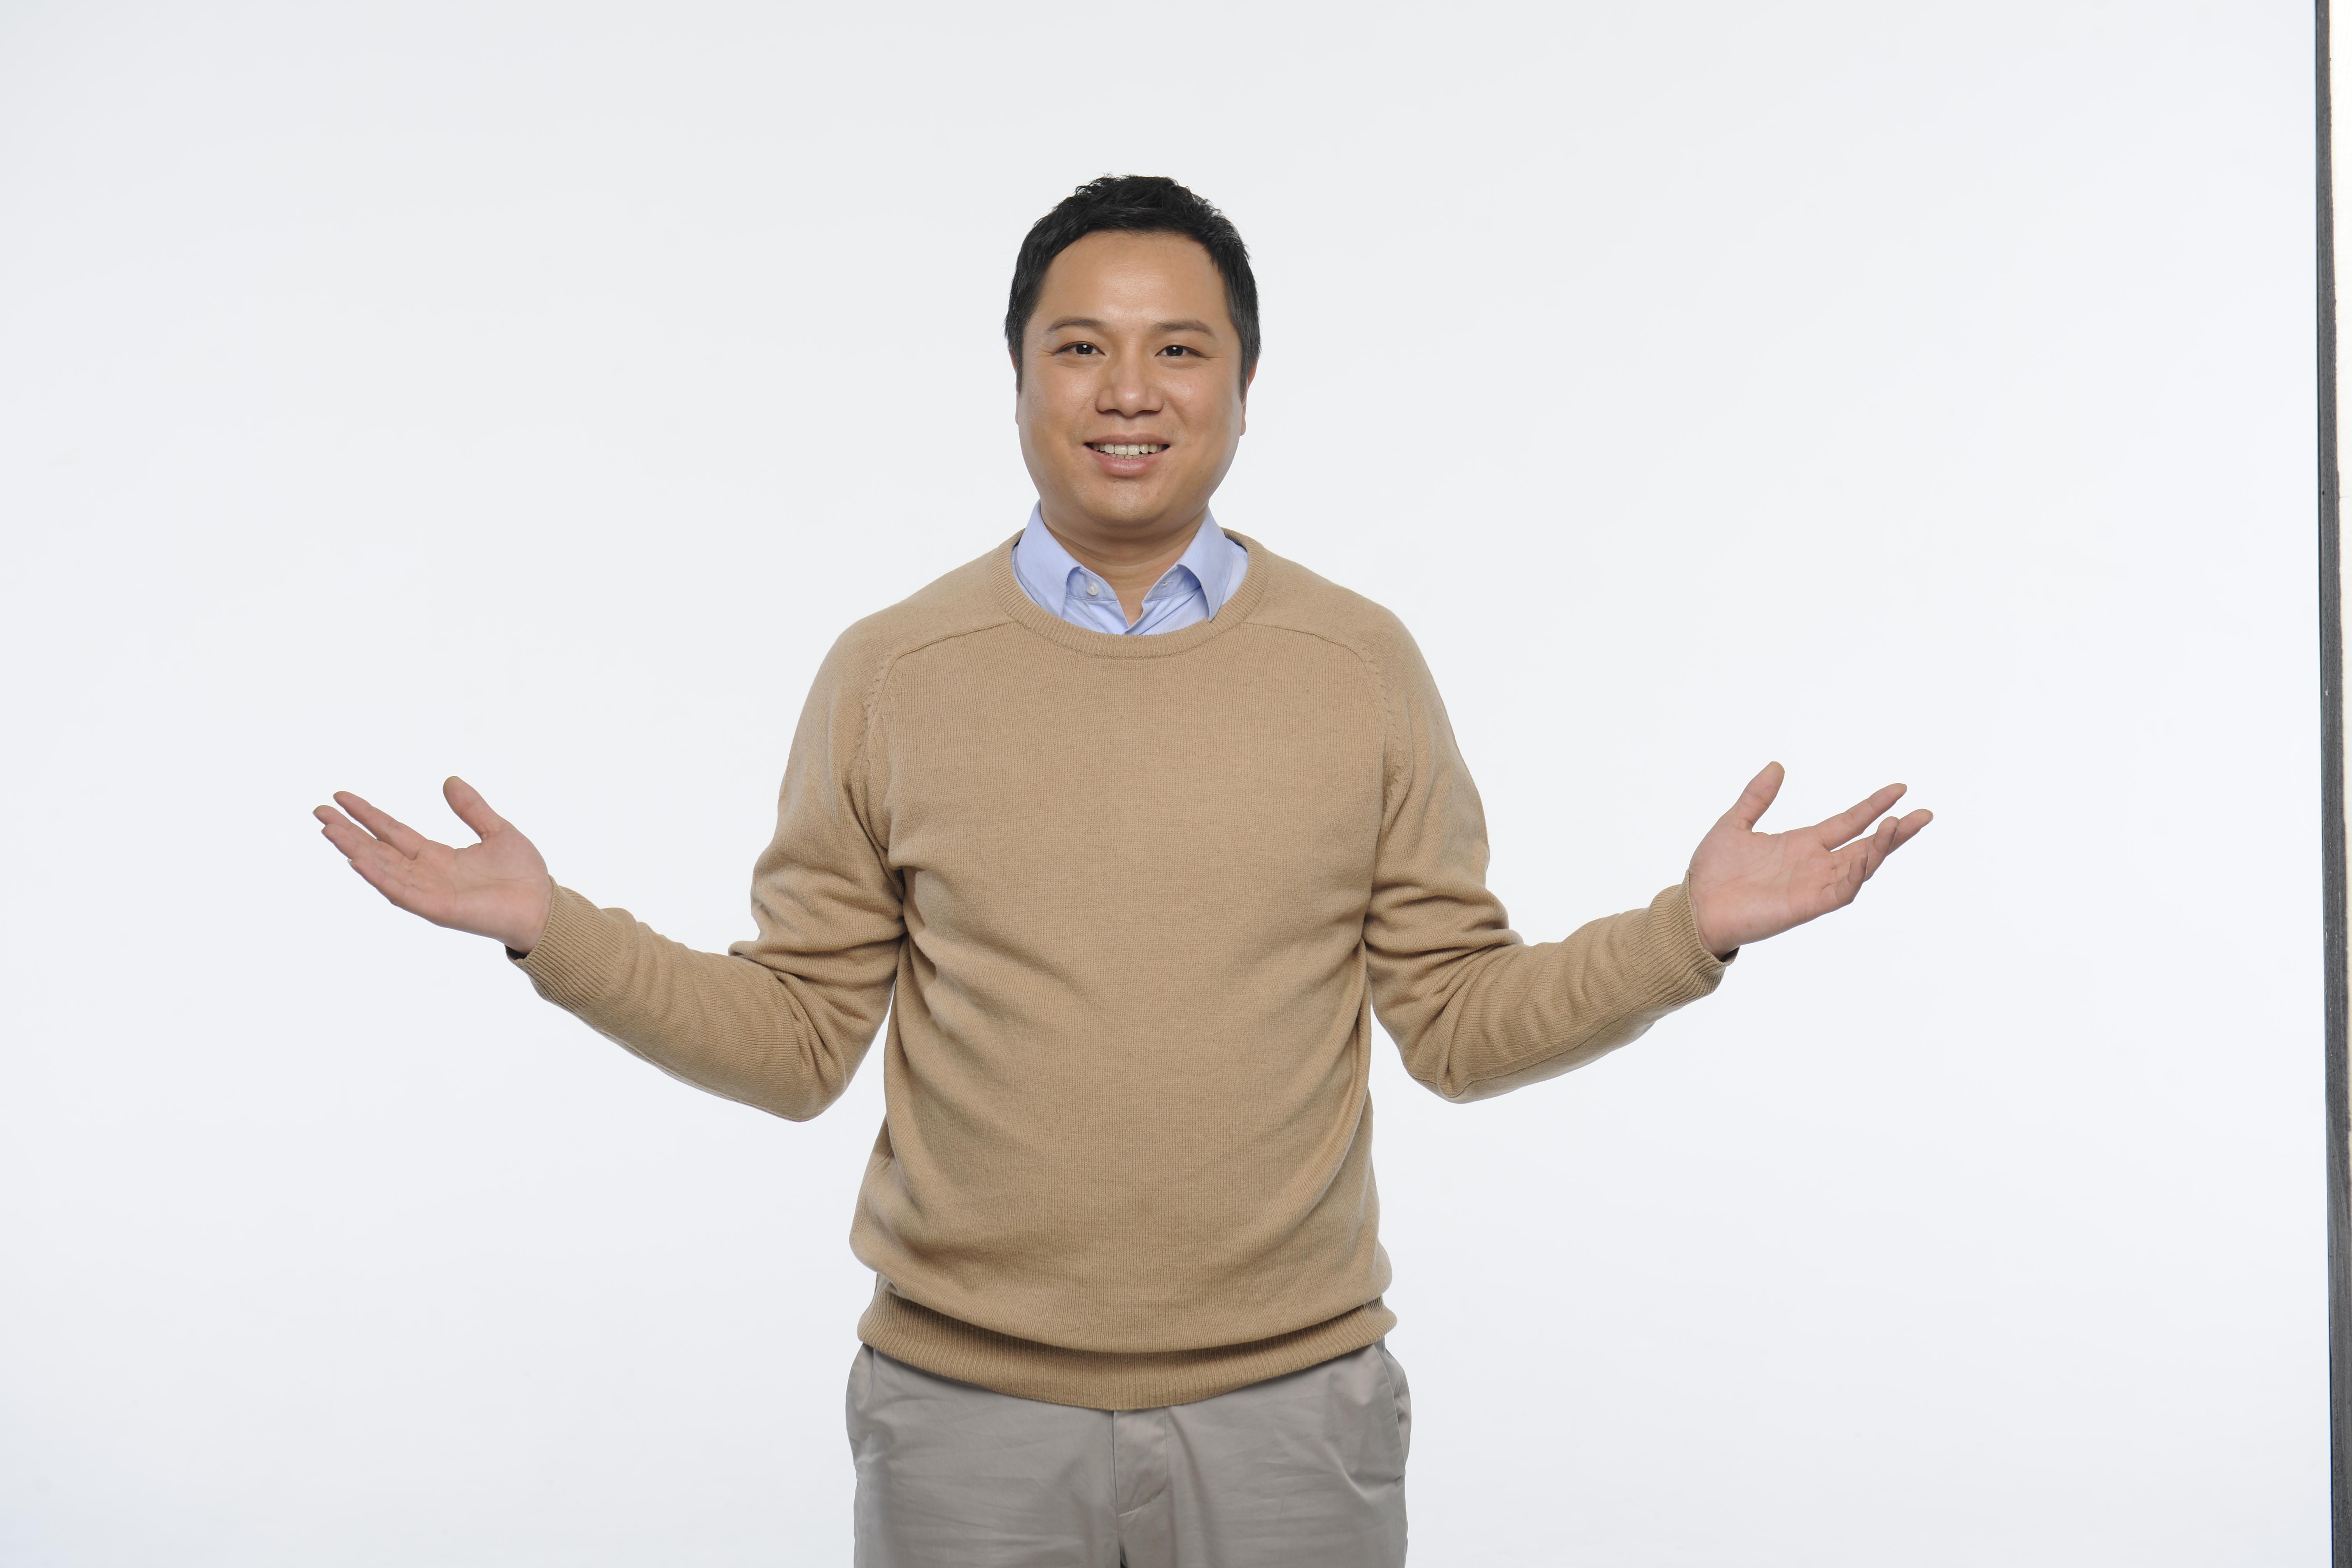 王庆波照片2